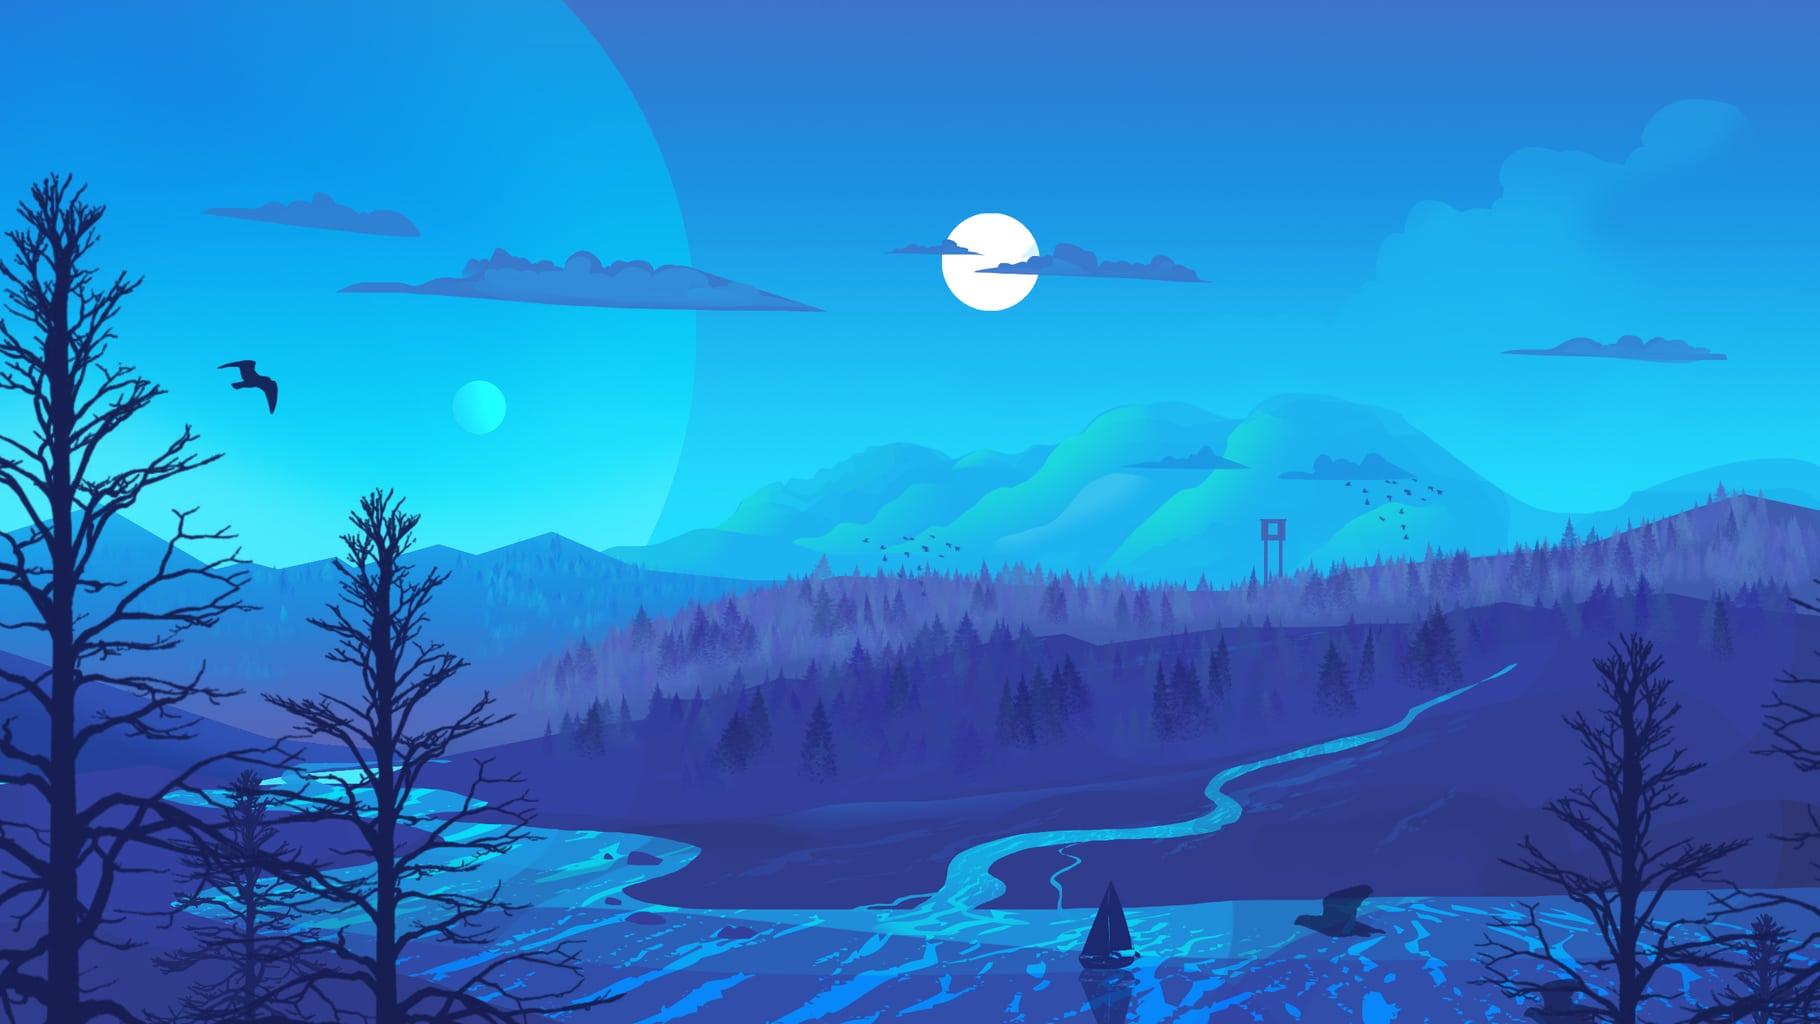 luna-art-style-planet-content